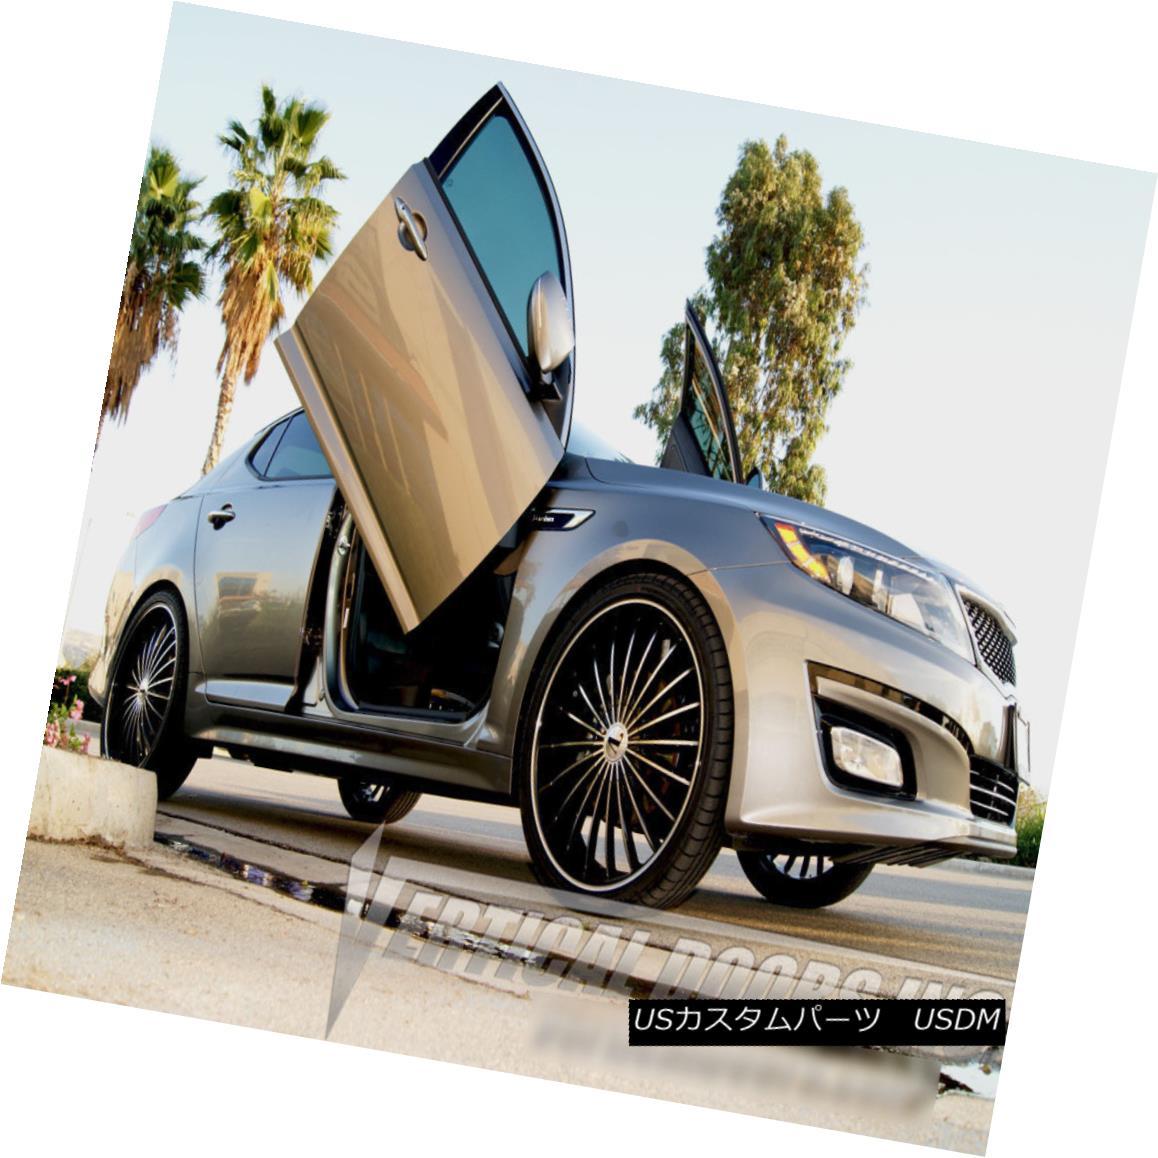 ガルウィングキット Vertical Doors Inc Bolt On Lambo Door Kits for Kia Optima 2011-2015 垂直ドアーズ株式会社ボルトのランボルギーニドアキットキアオプティマ2011-2015